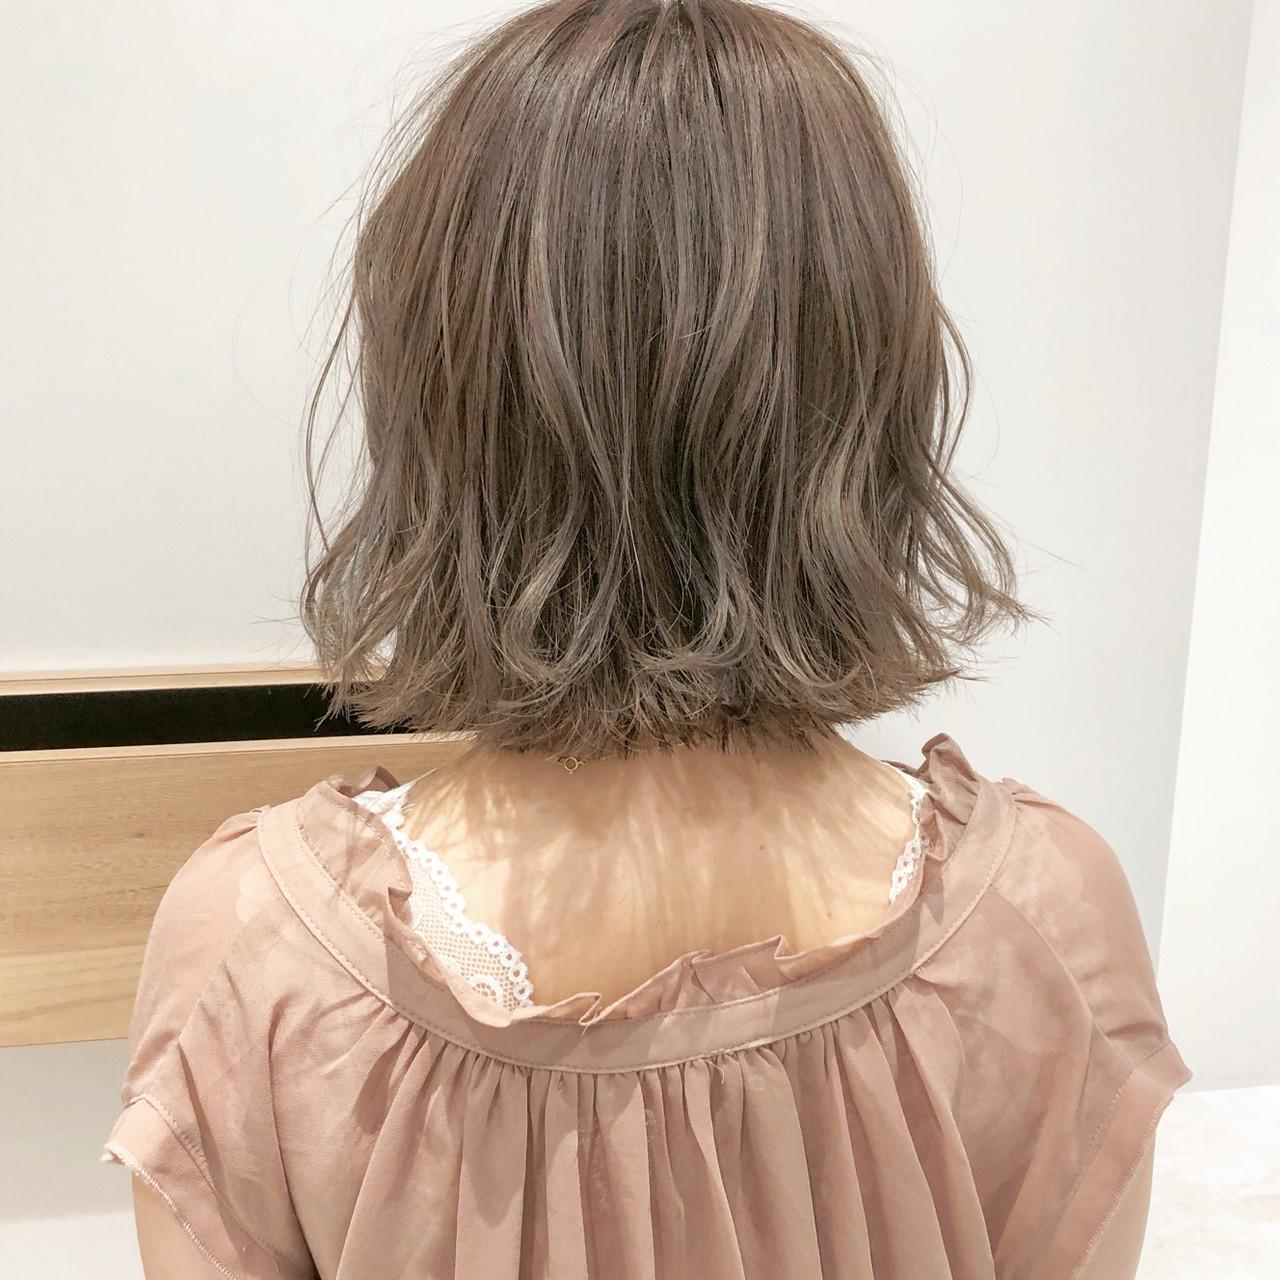 切りっぱなしボブ ショートヘア ナチュラル ボブ ヘアスタイルや髪型の写真・画像 | 『ボブ美容師』永田邦彦 表参道 / send by HAIR